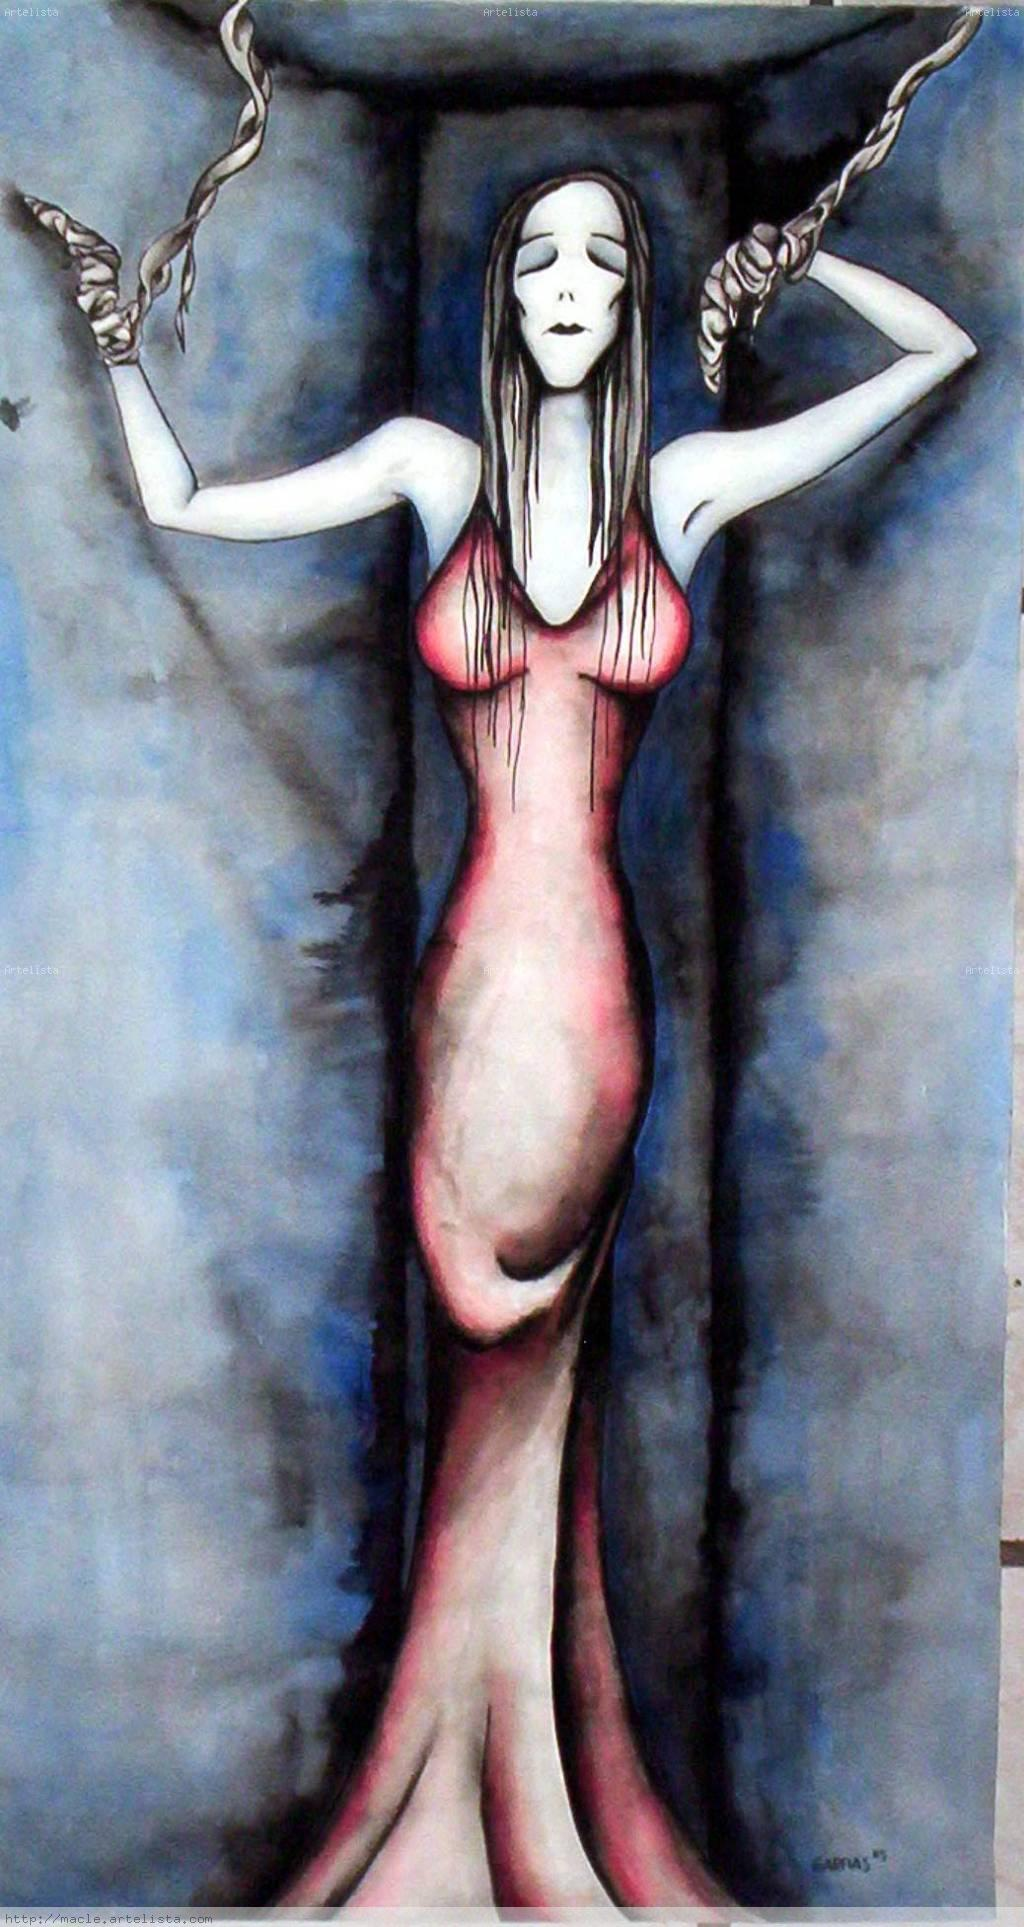 popular dominatriz desnudo